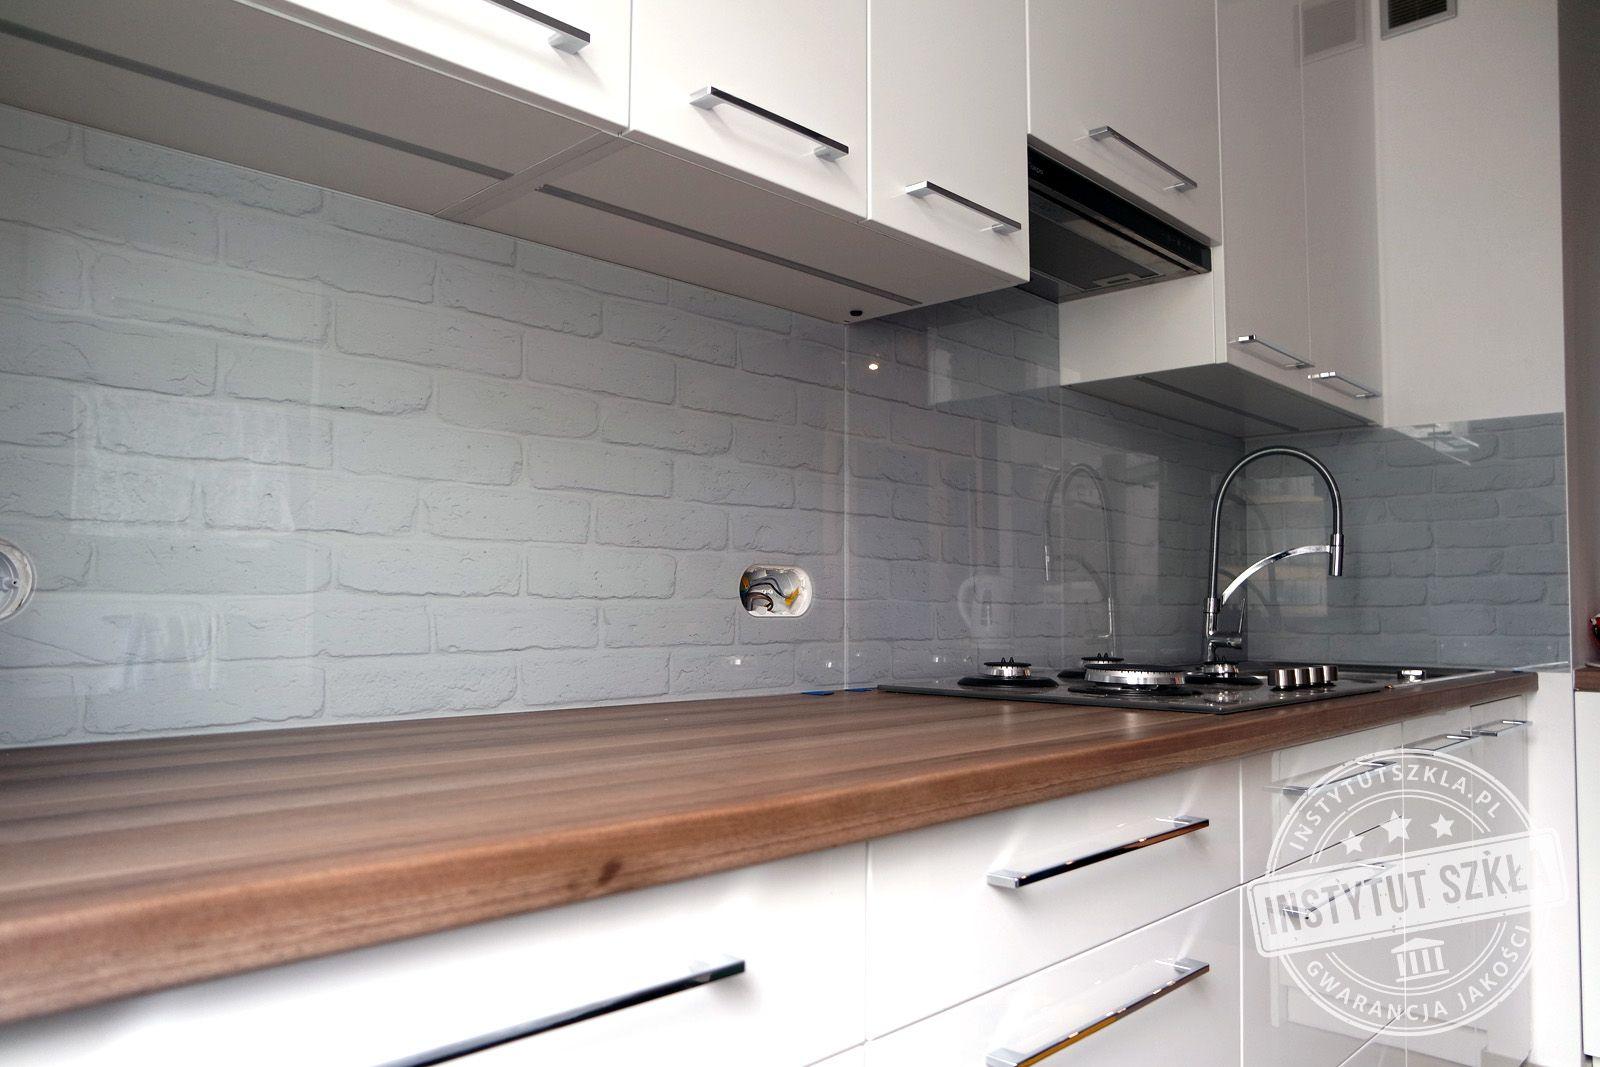 Bardzo dobry Szkło do kuchni czyli grafika na szkle - sprawdź możliwe TY76